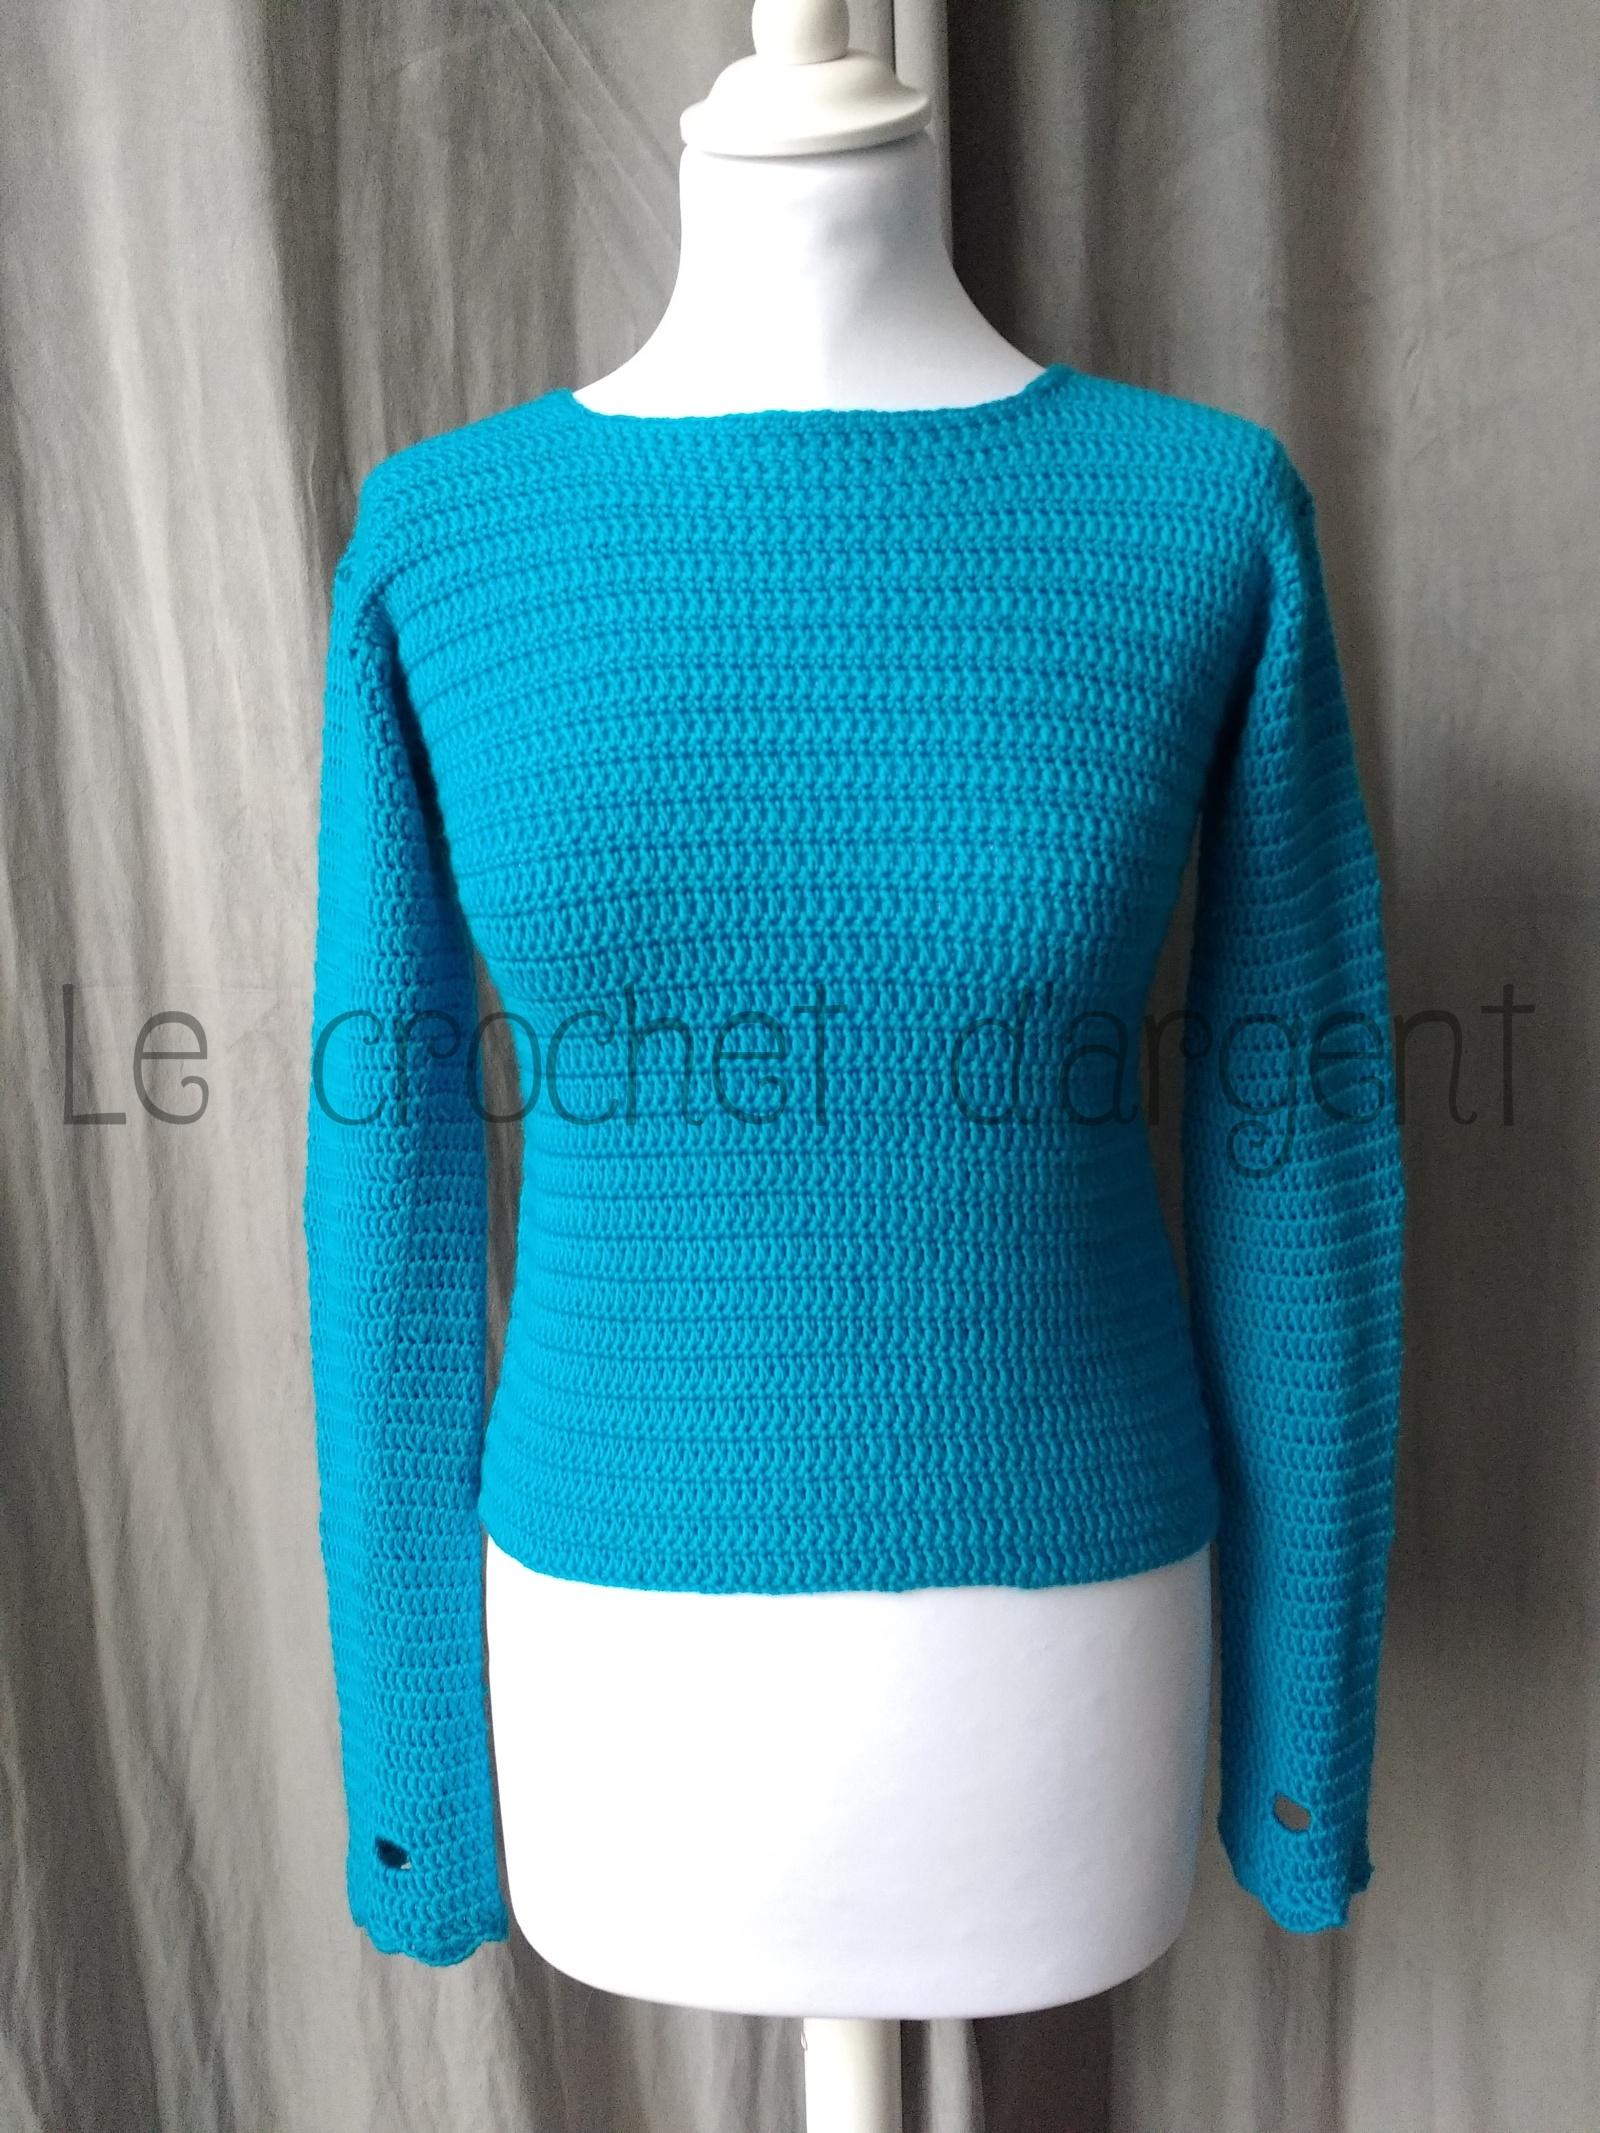 Un pull au crochet bleu turquoise avec des mitaines avec explications gratuites